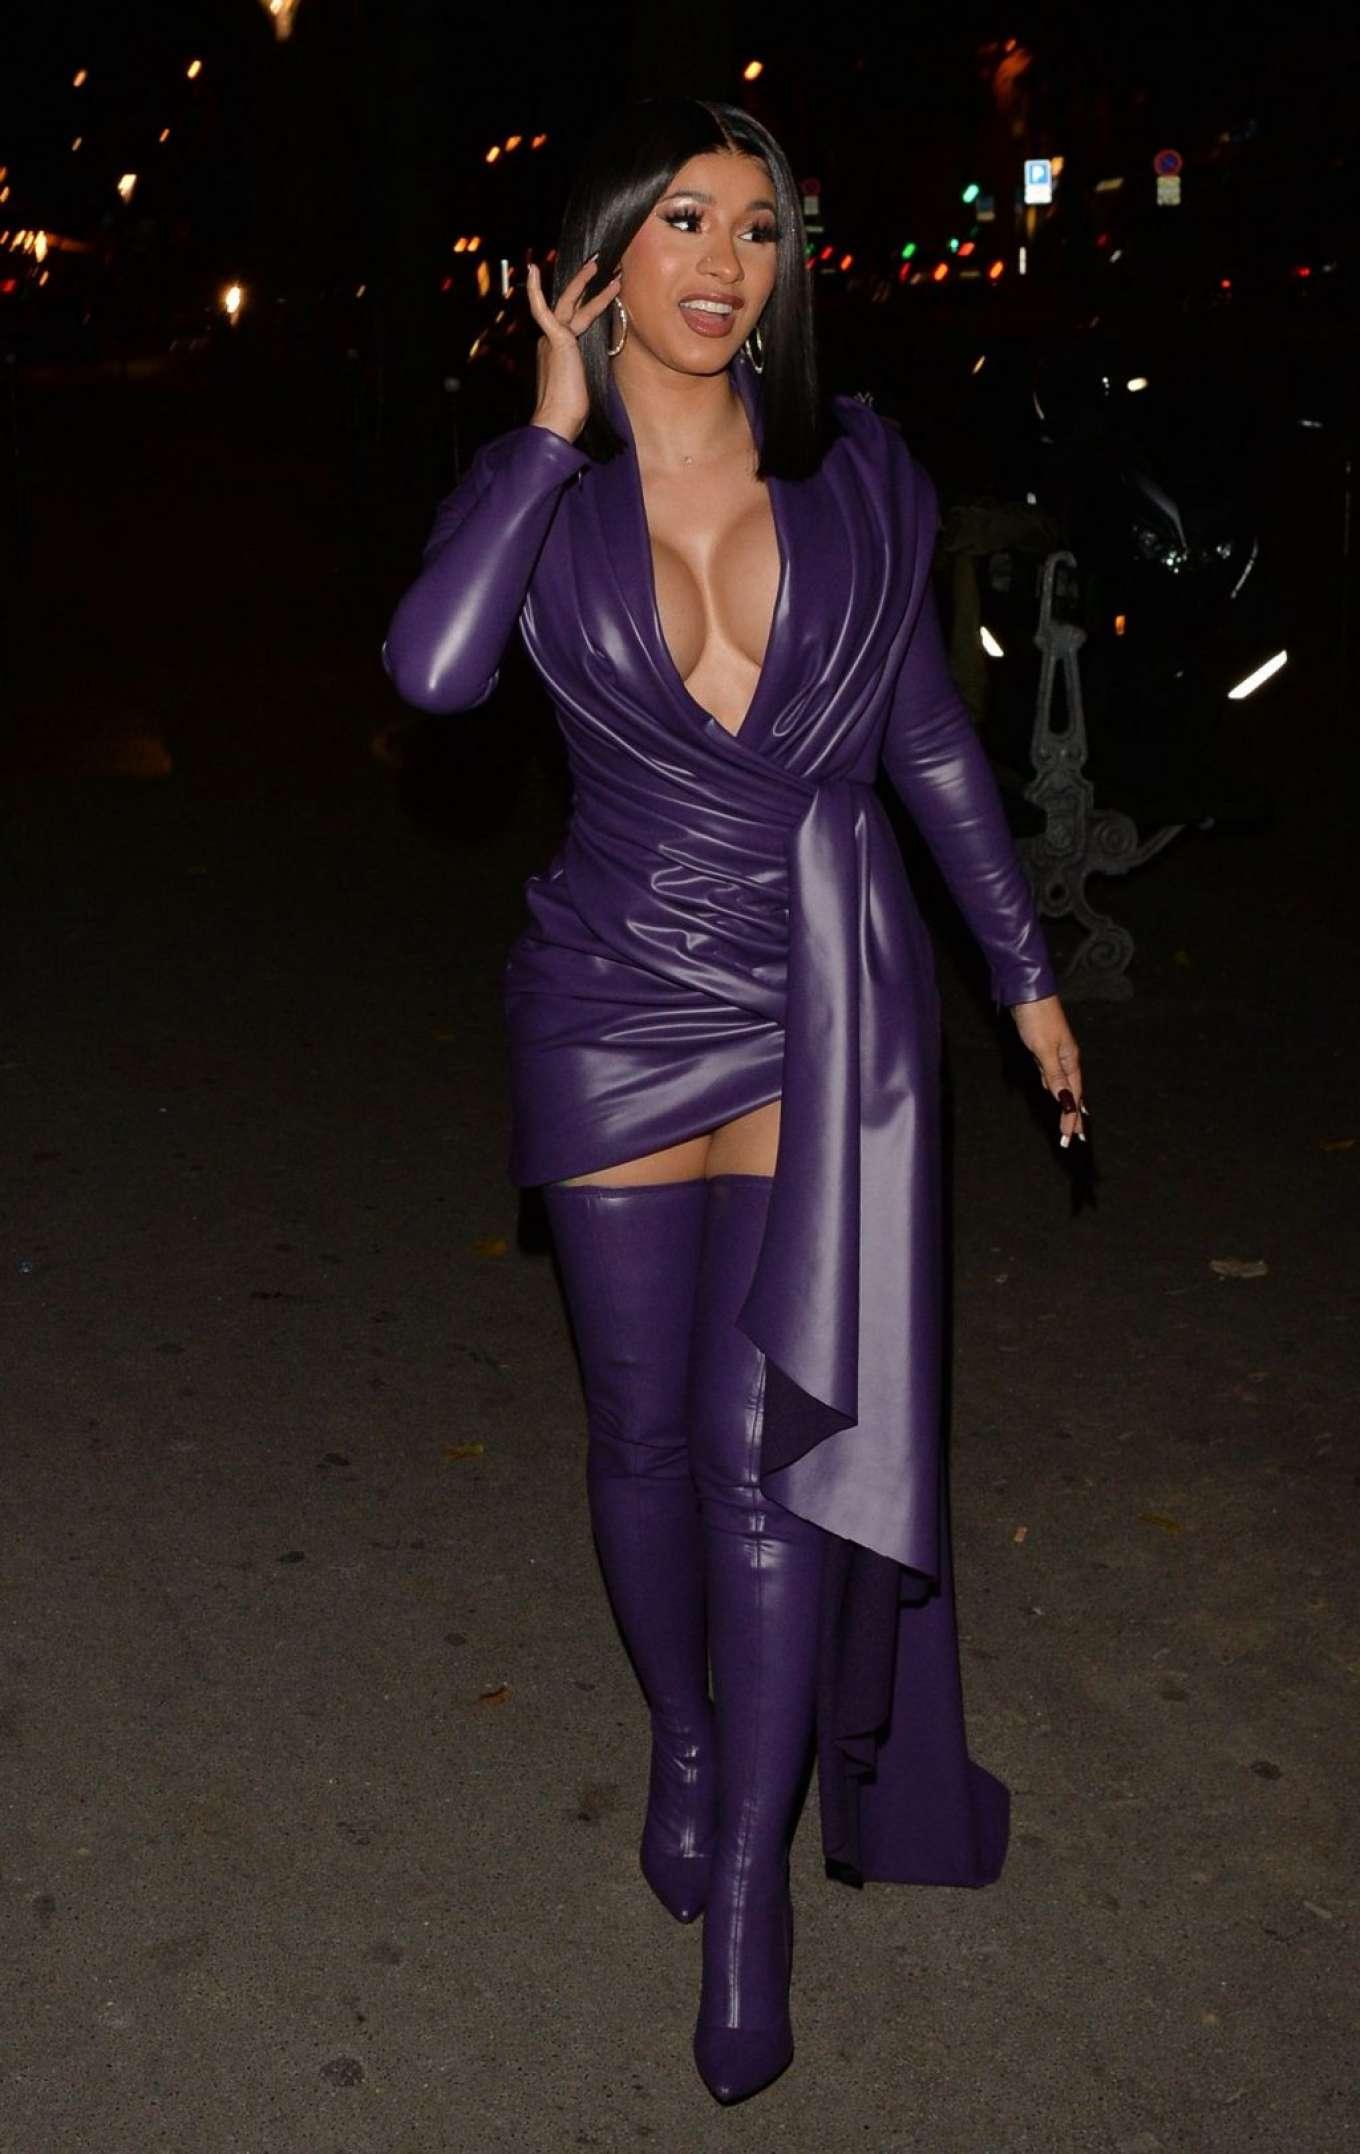 Cardi B 2019 : Cardi B in Low Cut Leather Dress – Out in Paris-08